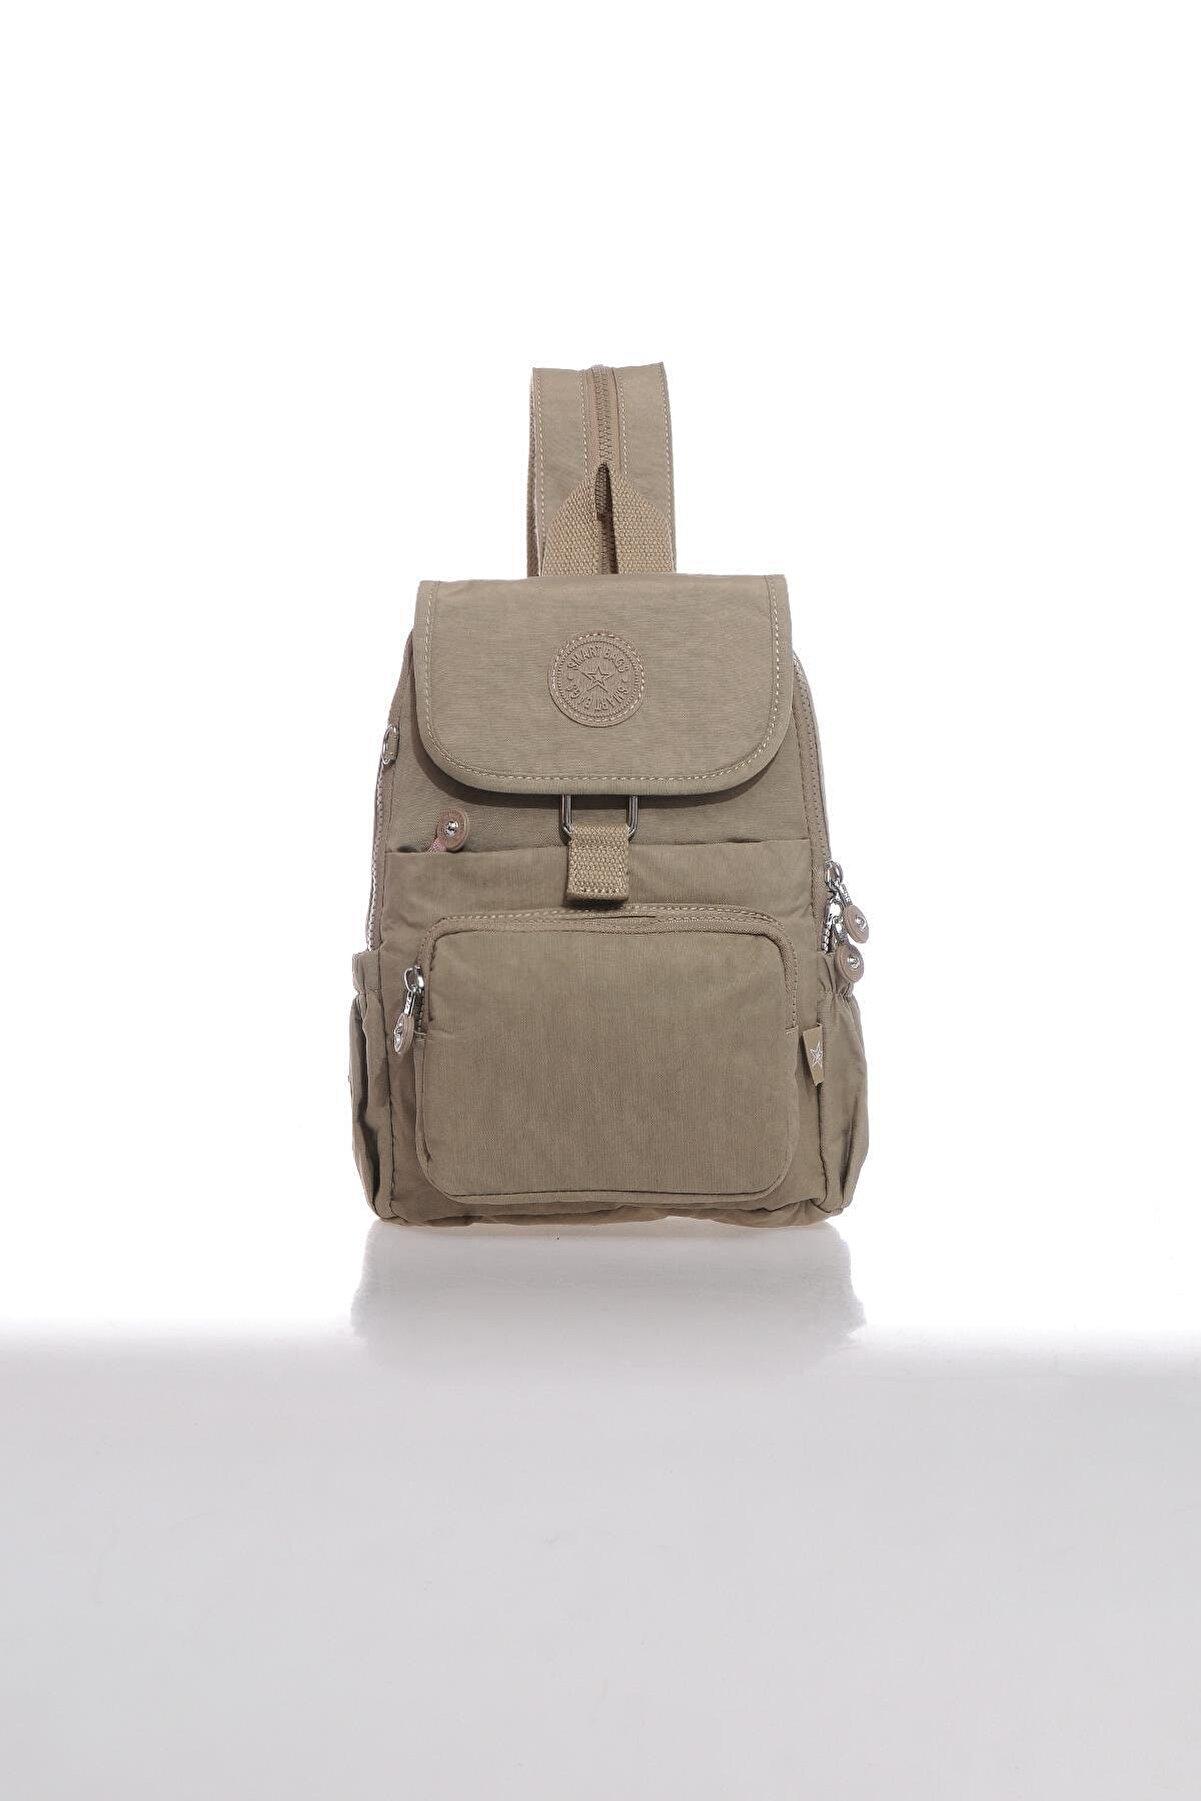 Smart Bags Kadın Vizon Sırt Çantası Smbk1138-0015